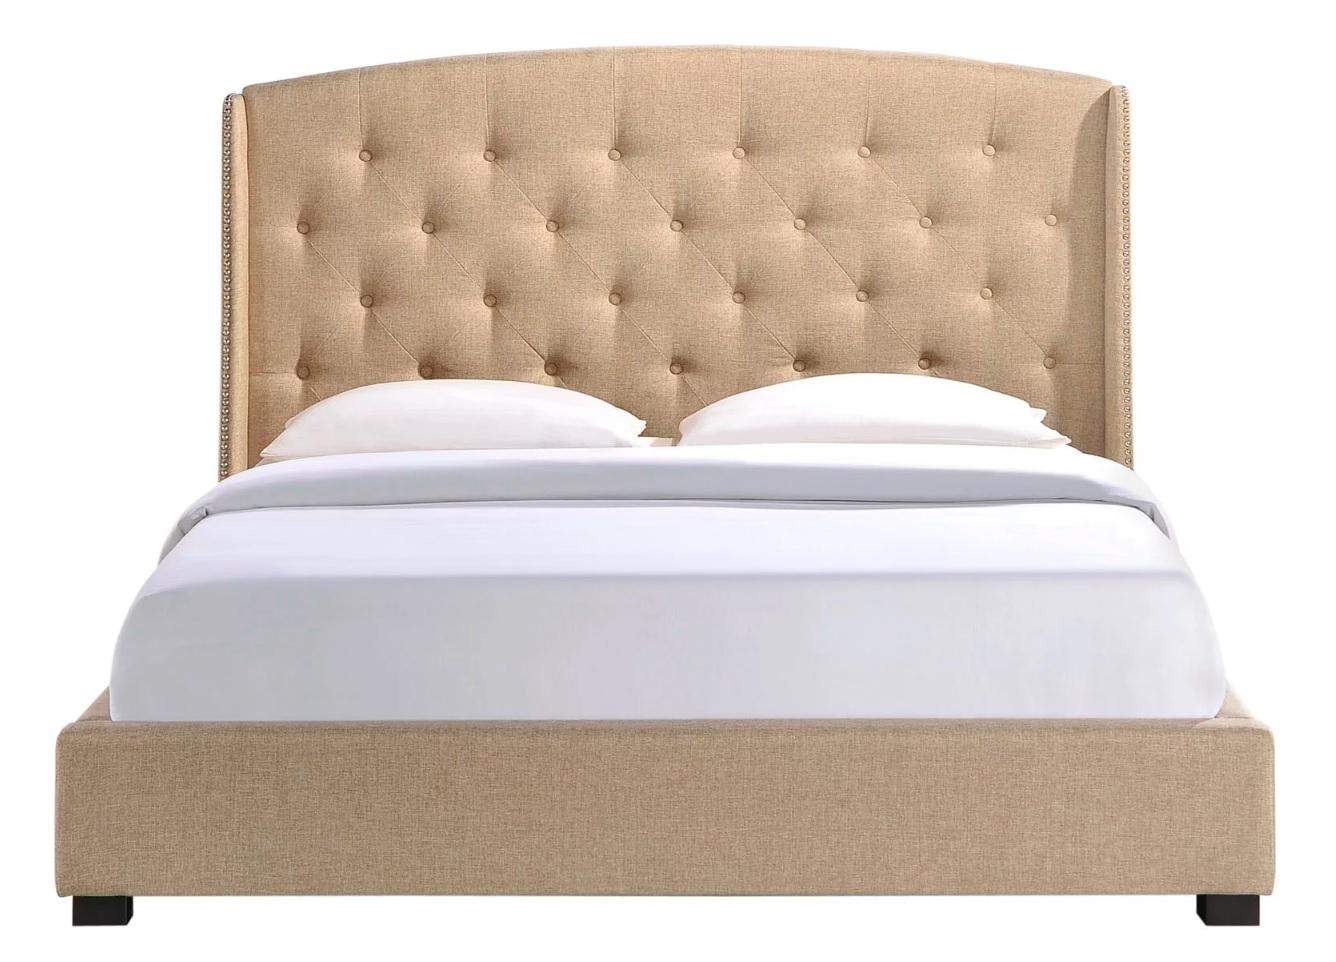 Кровать LexLuxКровати с мягким изголовьем<br>&amp;lt;div&amp;gt;Эта кровать для фанатов сериала &amp;quot;Безумцы&amp;quot; или для любого, кто способен оценить эстетику 50-х. Классическая форма, стежка &amp;quot;капитоне&amp;quot; и декоративные заклепки - этот стиль роскошных апартаментов середины 20-го века не выходит из моды вот уже несколько десятилетий.&amp;amp;nbsp;&amp;lt;/div&amp;gt;&amp;lt;div&amp;gt;&amp;lt;br&amp;gt;&amp;lt;/div&amp;gt;&amp;lt;div&amp;gt;Размеры спального места:&amp;amp;nbsp;&amp;lt;/div&amp;gt;&amp;lt;div&amp;gt;140*200&amp;amp;nbsp;&amp;lt;/div&amp;gt;&amp;lt;div&amp;gt;160*200 - представлено&amp;amp;nbsp;&amp;lt;/div&amp;gt;&amp;lt;div&amp;gt;180*200&amp;amp;nbsp;&amp;lt;/div&amp;gt;&amp;lt;div&amp;gt;200*200&amp;lt;/div&amp;gt;<br><br>Material: Текстиль<br>Ширина см: 183<br>Высота см: 137<br>Глубина см: 212